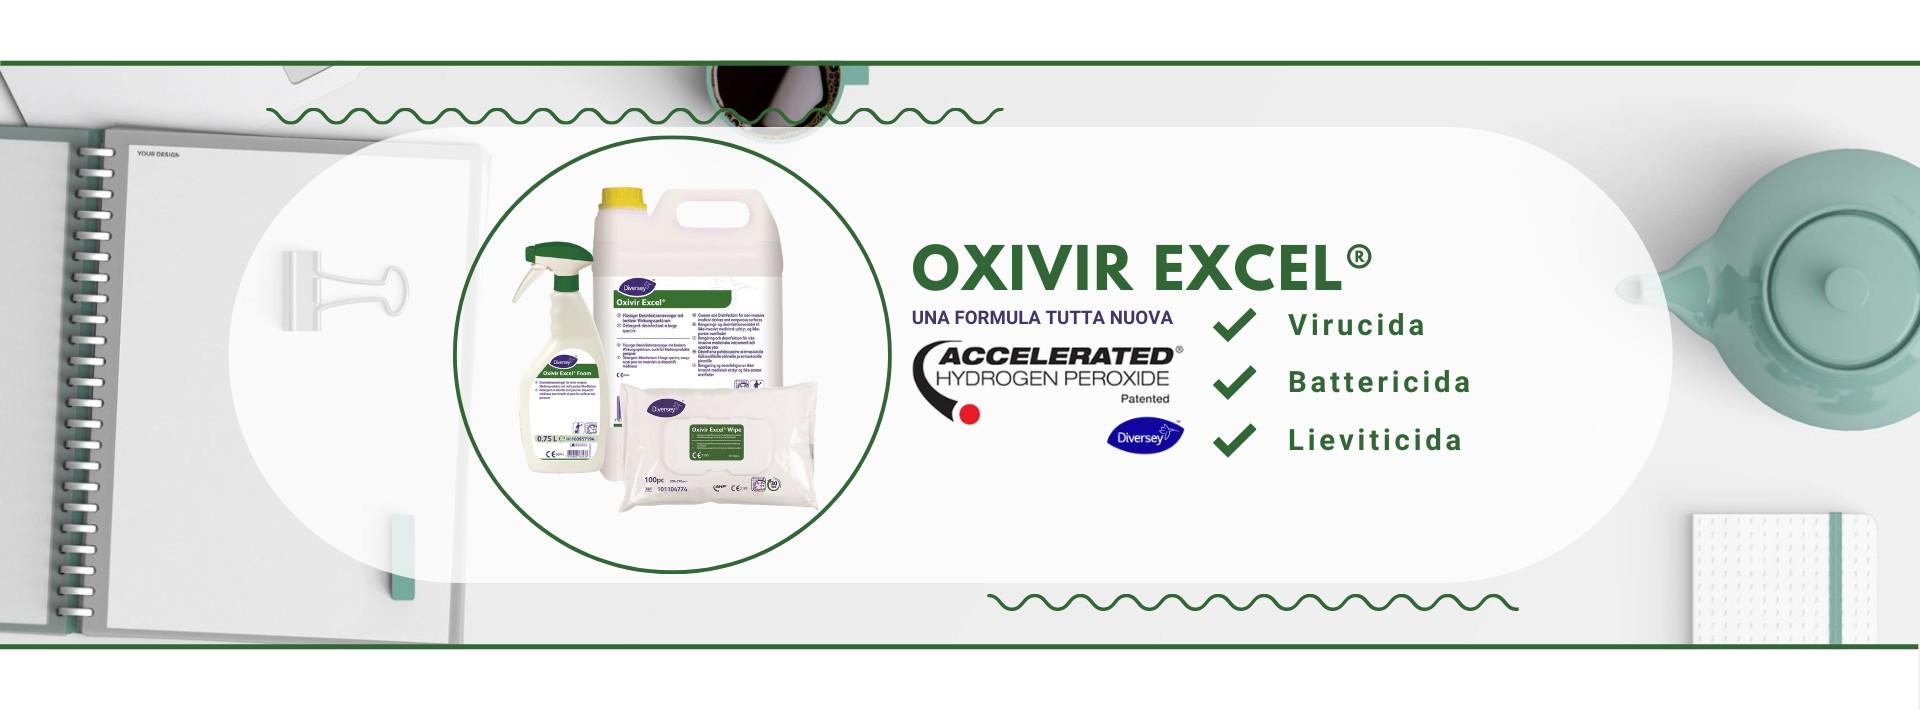 Detergenti disinfettanti linea Oxivir a base di perossido di idrogeno accelerato